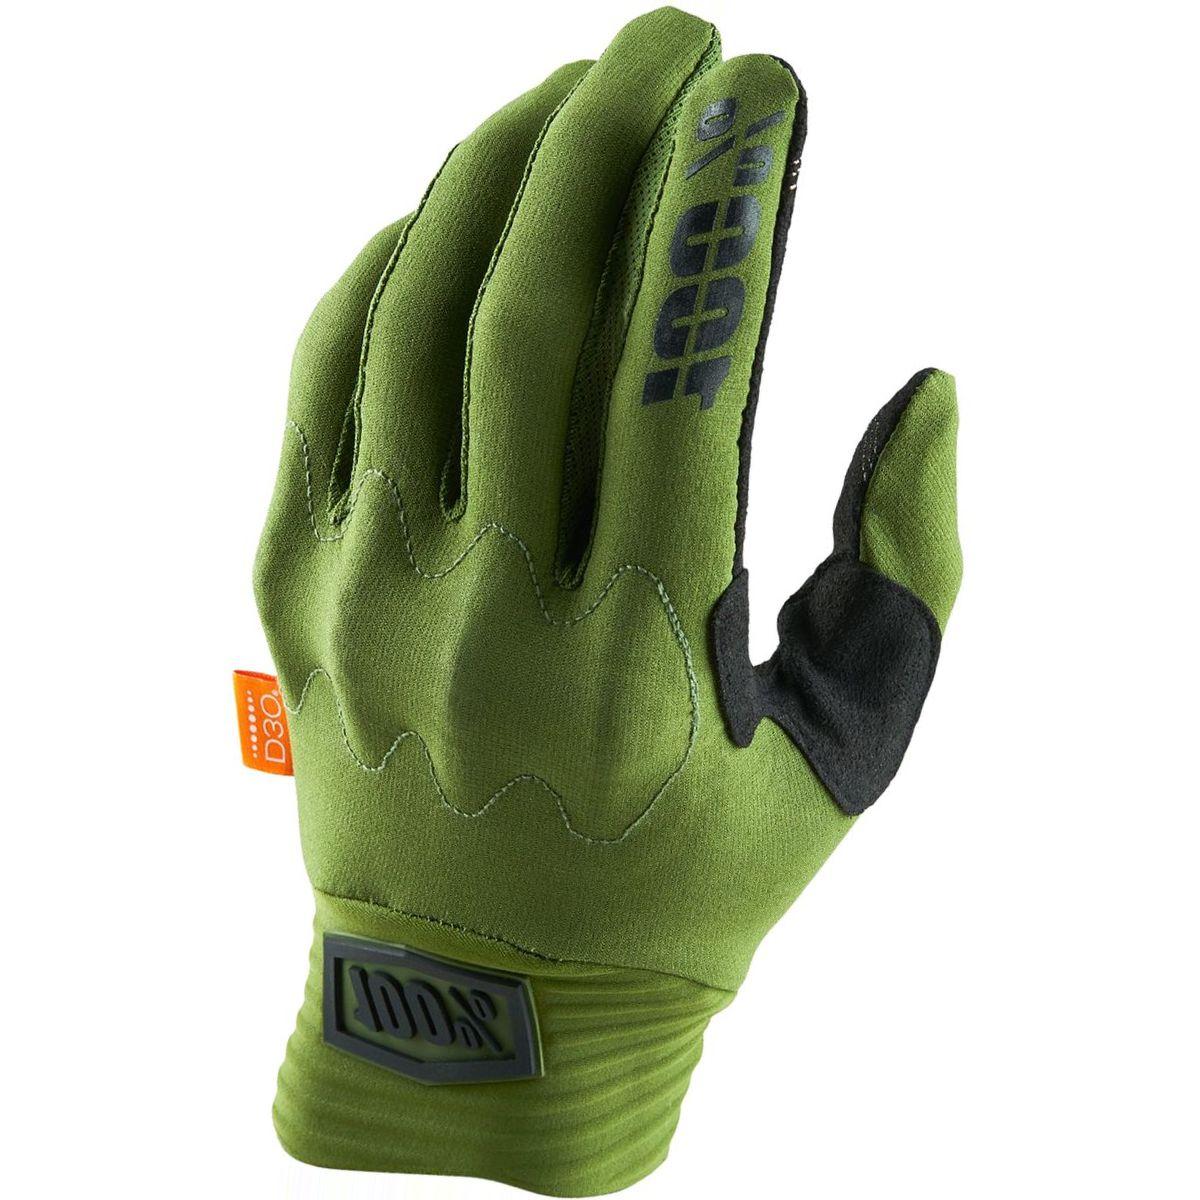 100% Cognito D30 Glove - Men's